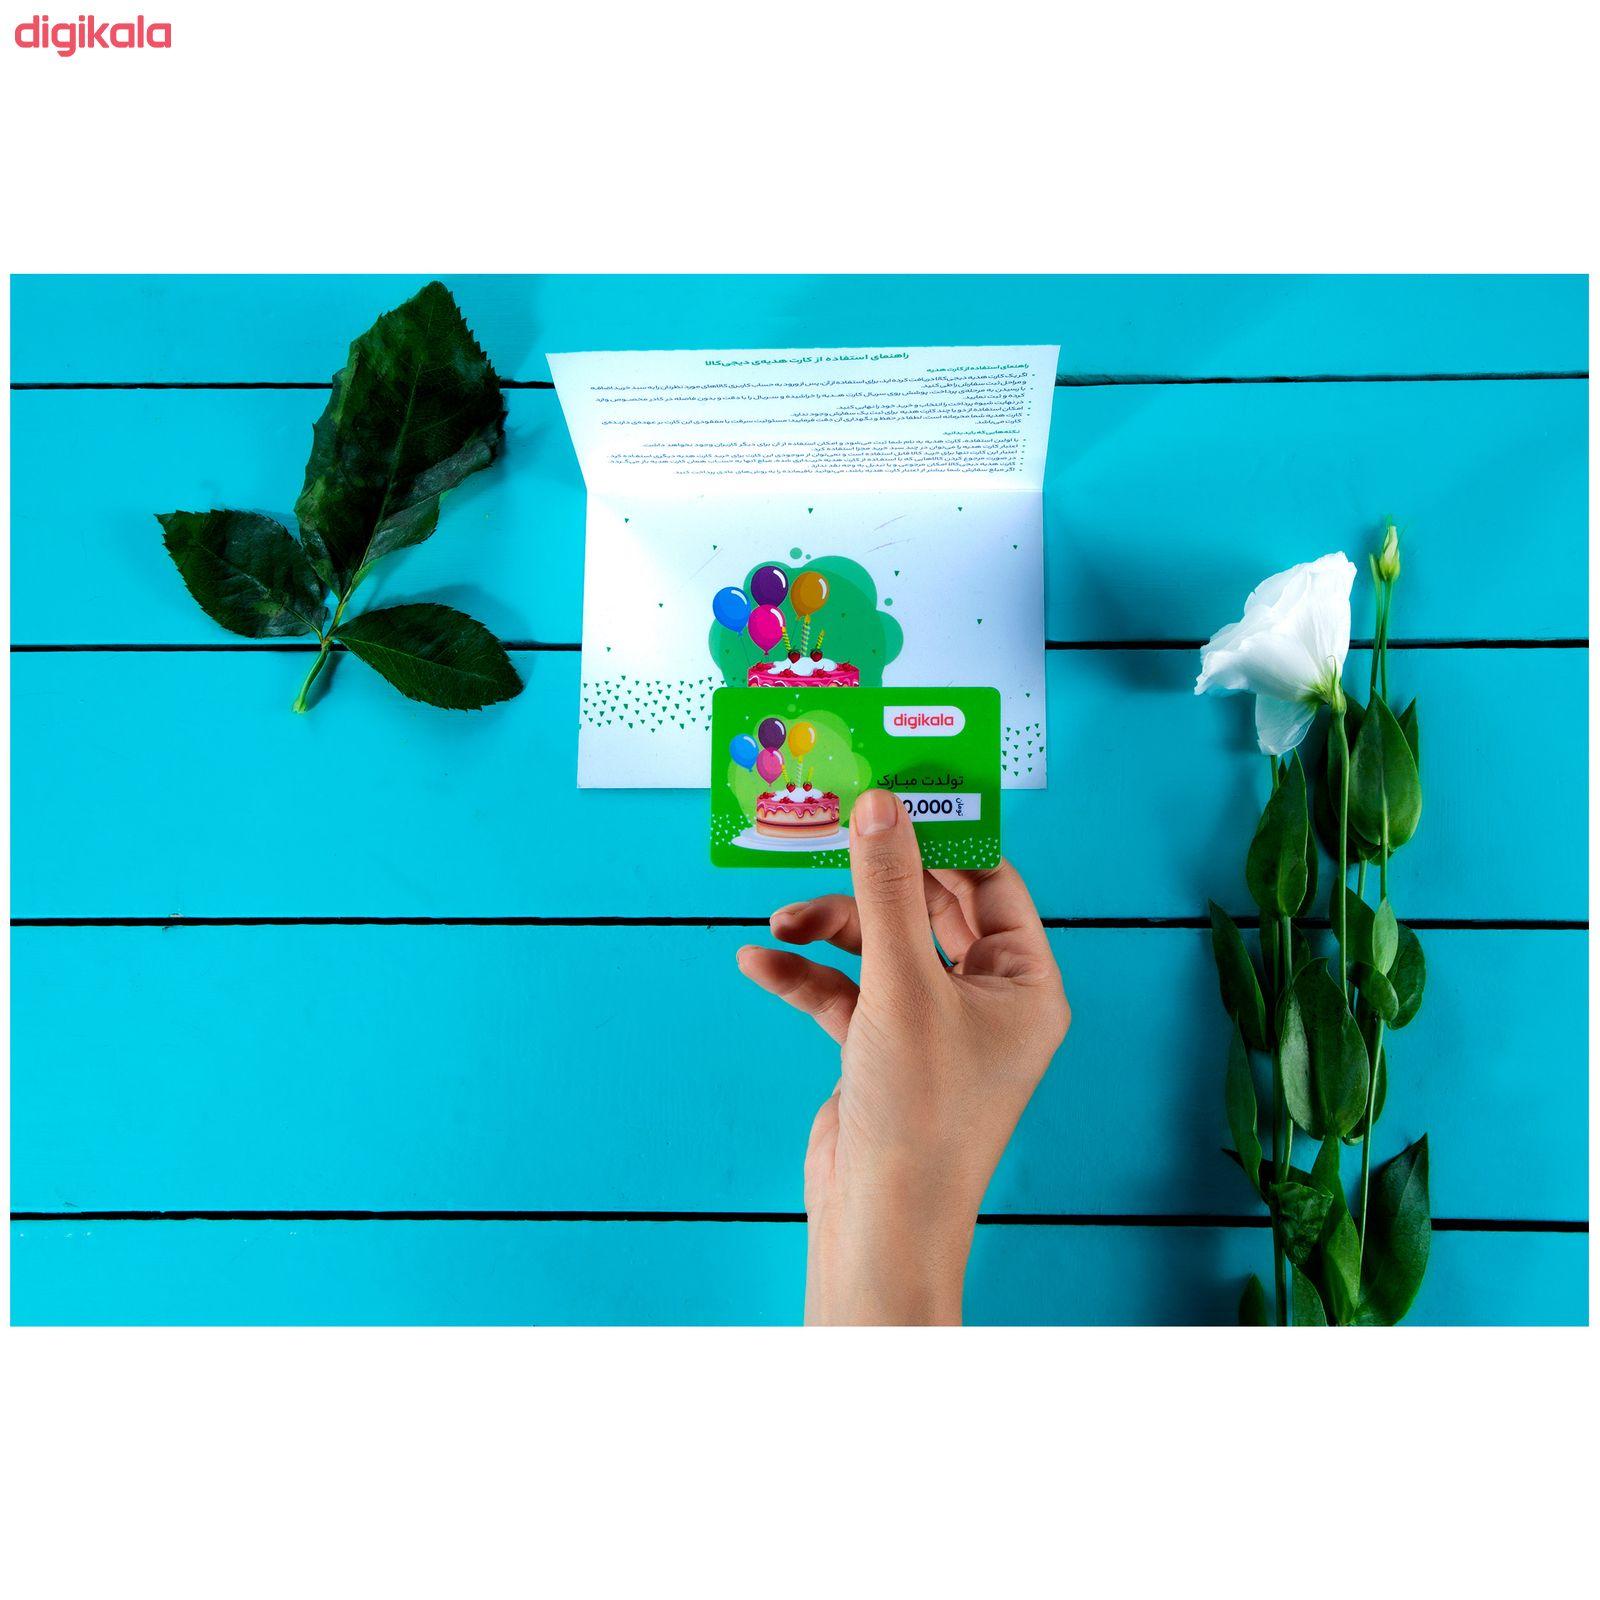 کارت هدیه دیجی کالا به ارزش 200,000 تومان طرح تولد  main 1 3